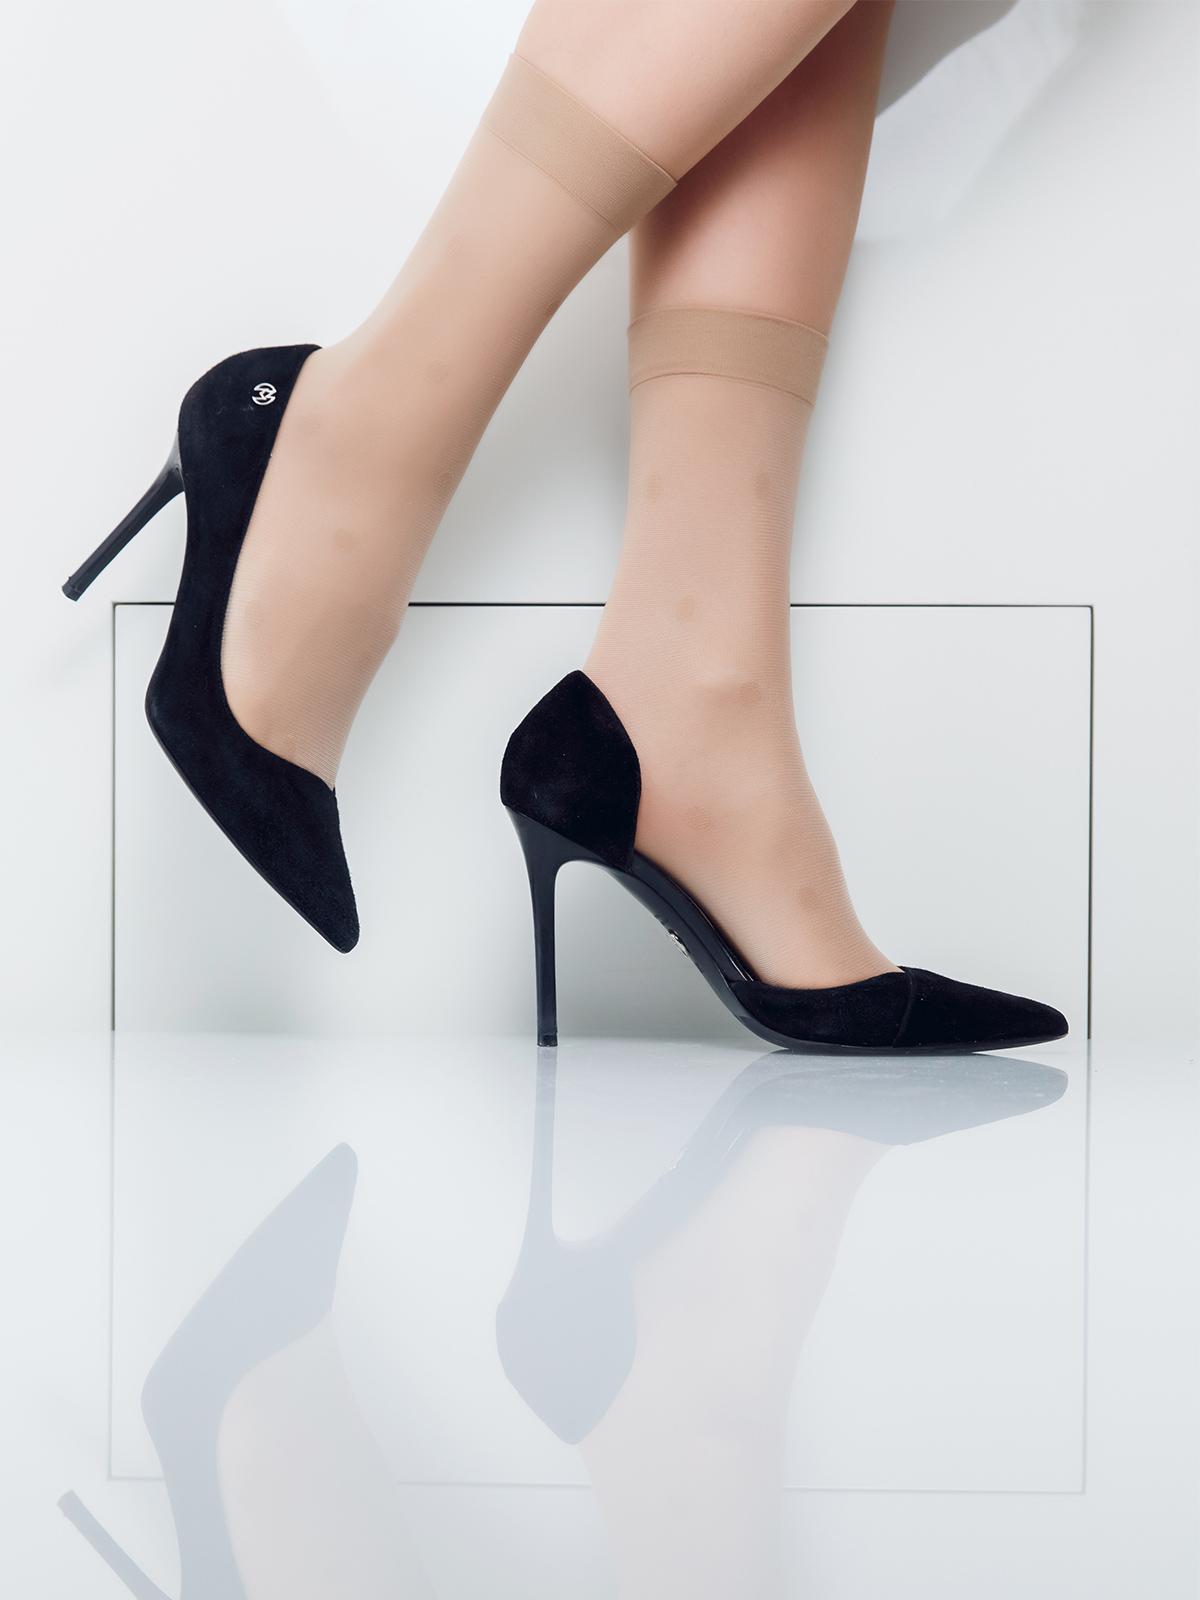 Носки женские Giulia коричневые UNI